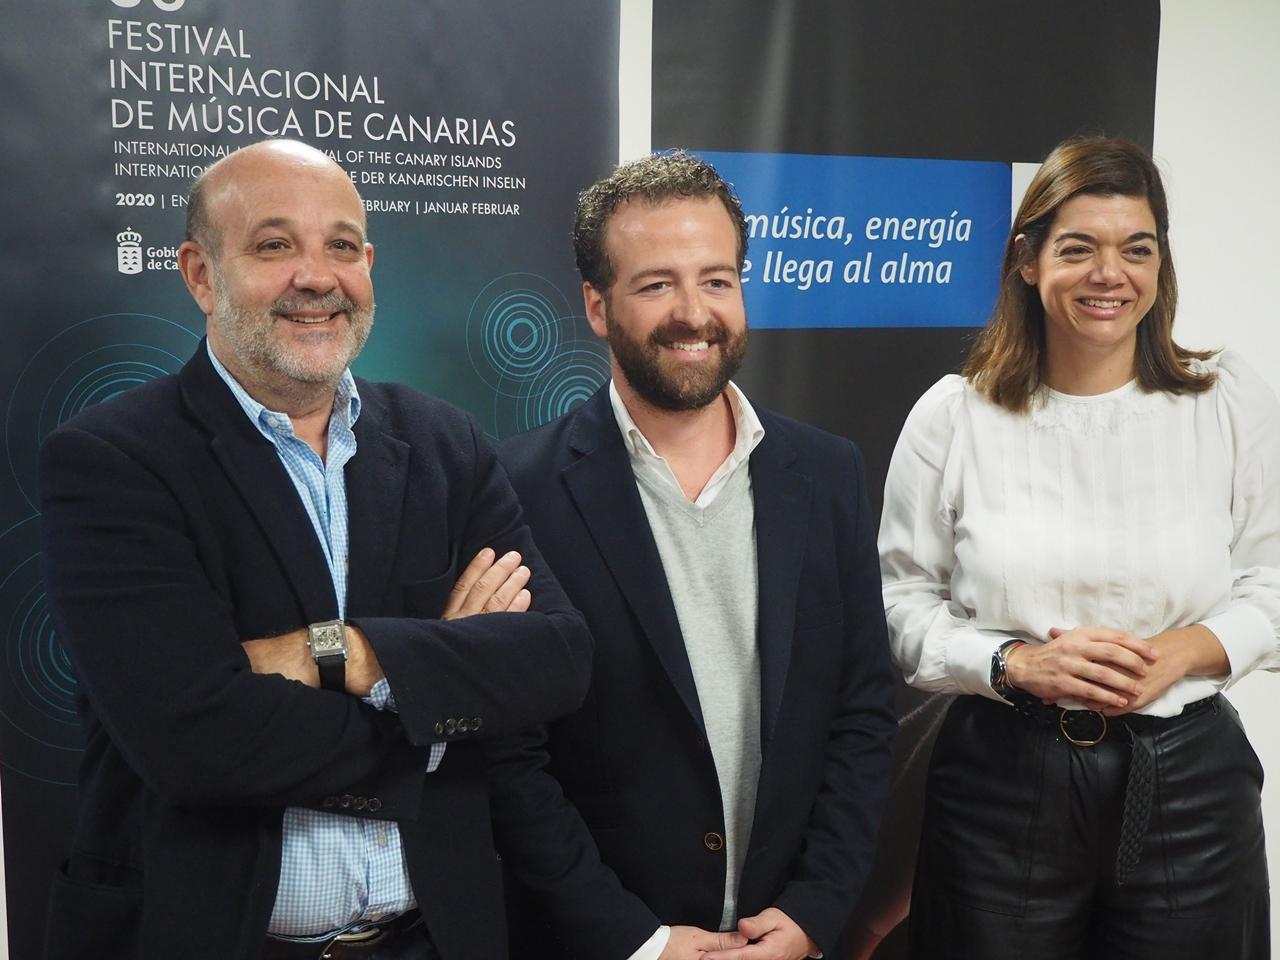 El Festival Internacional de Música de Canarias aplaza su edición de 2021 a julio